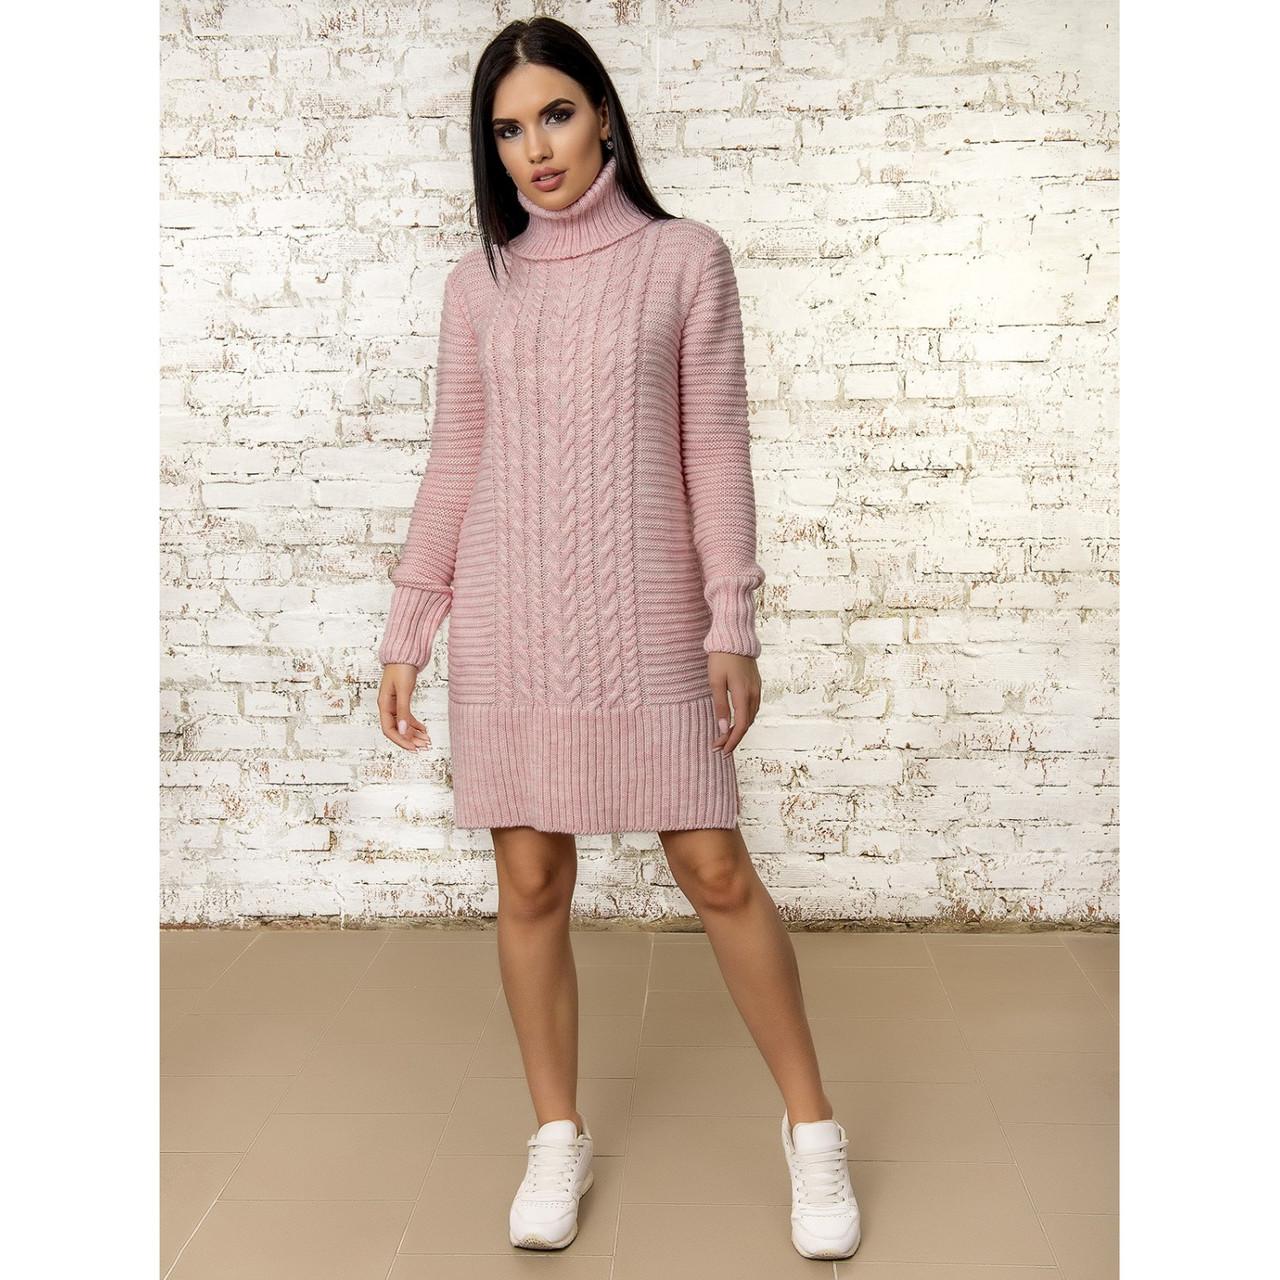 Теплое вязаное платье с горлом до колена 46-48 размер